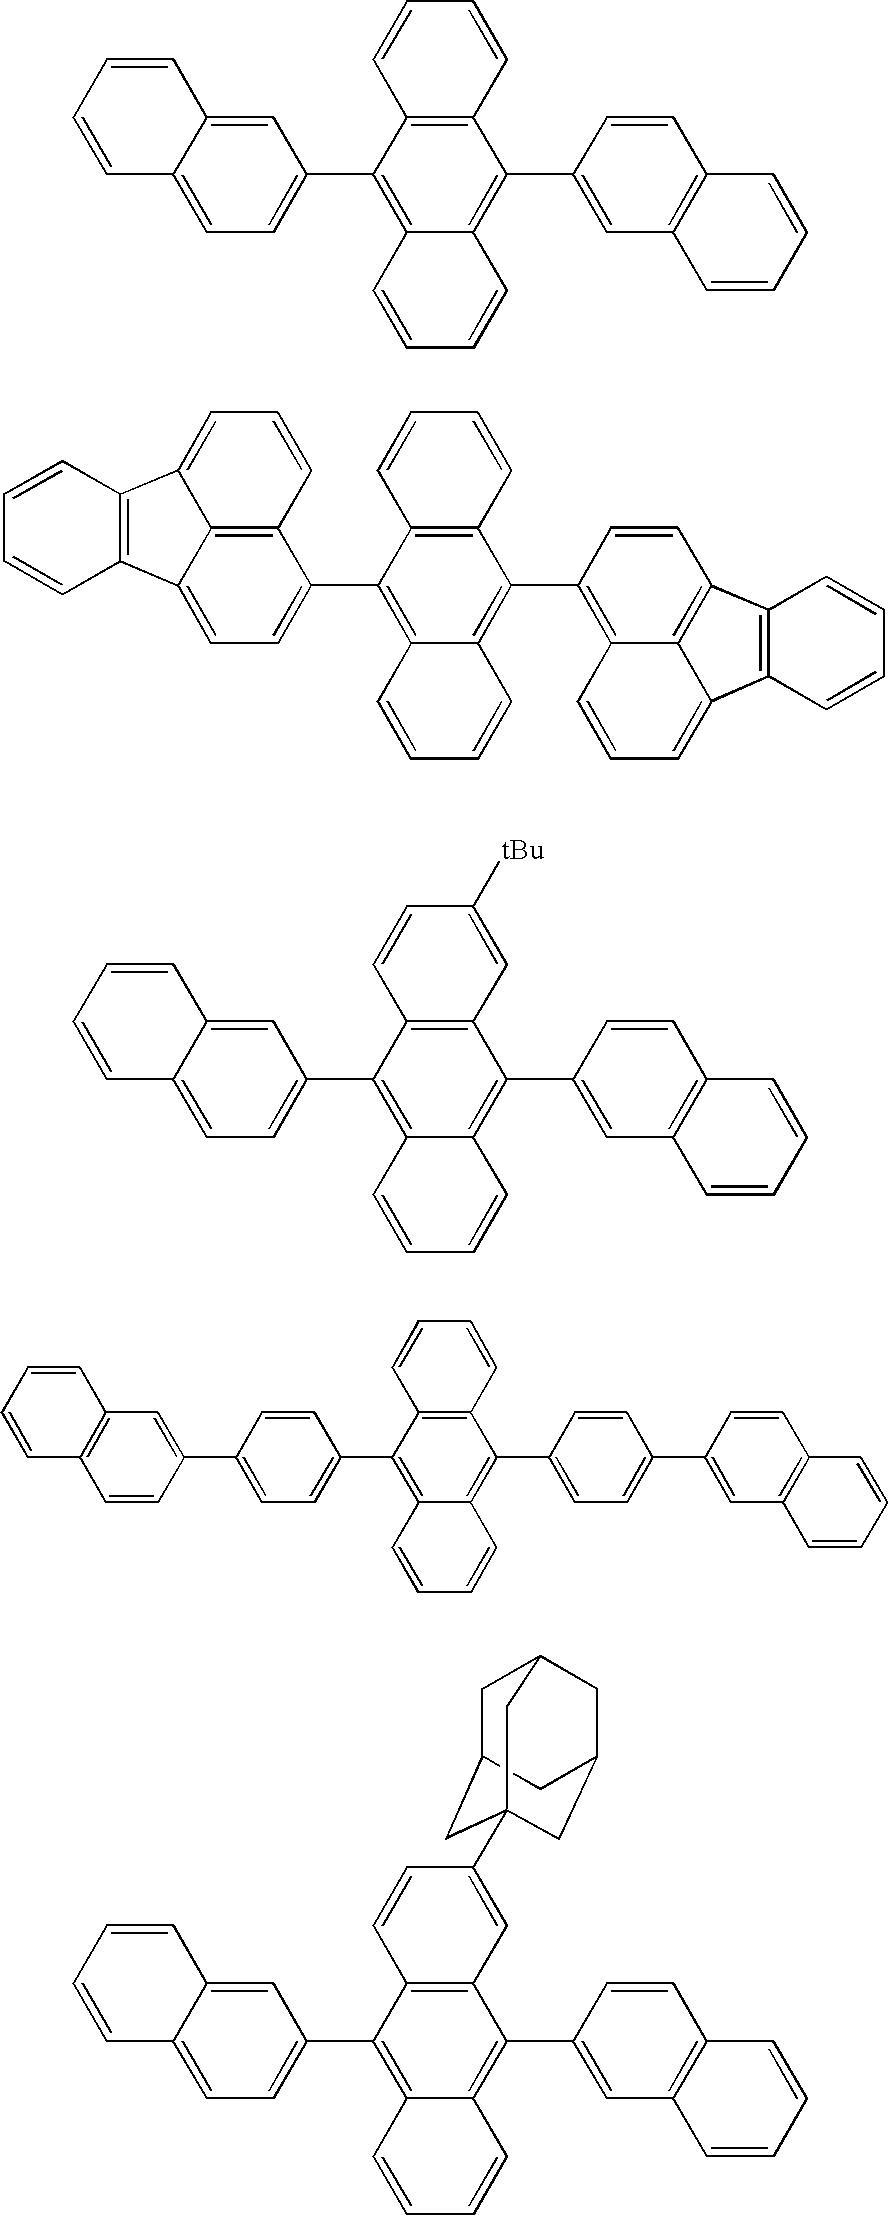 Figure US20060055305A1-20060316-C00001